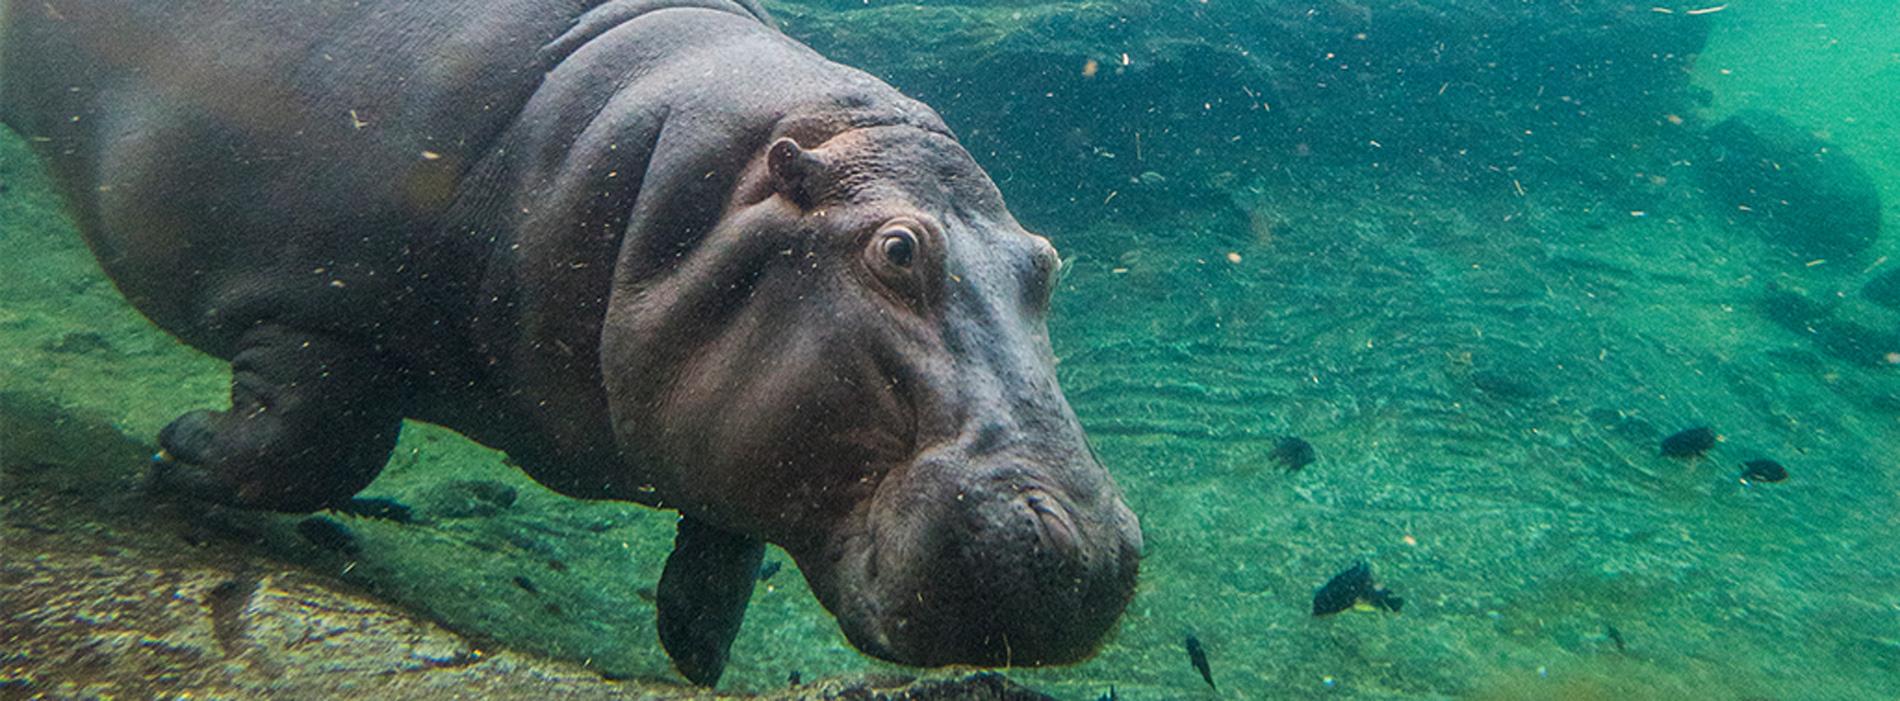 Hippo Tour at Busch Gardens Tampa Bay